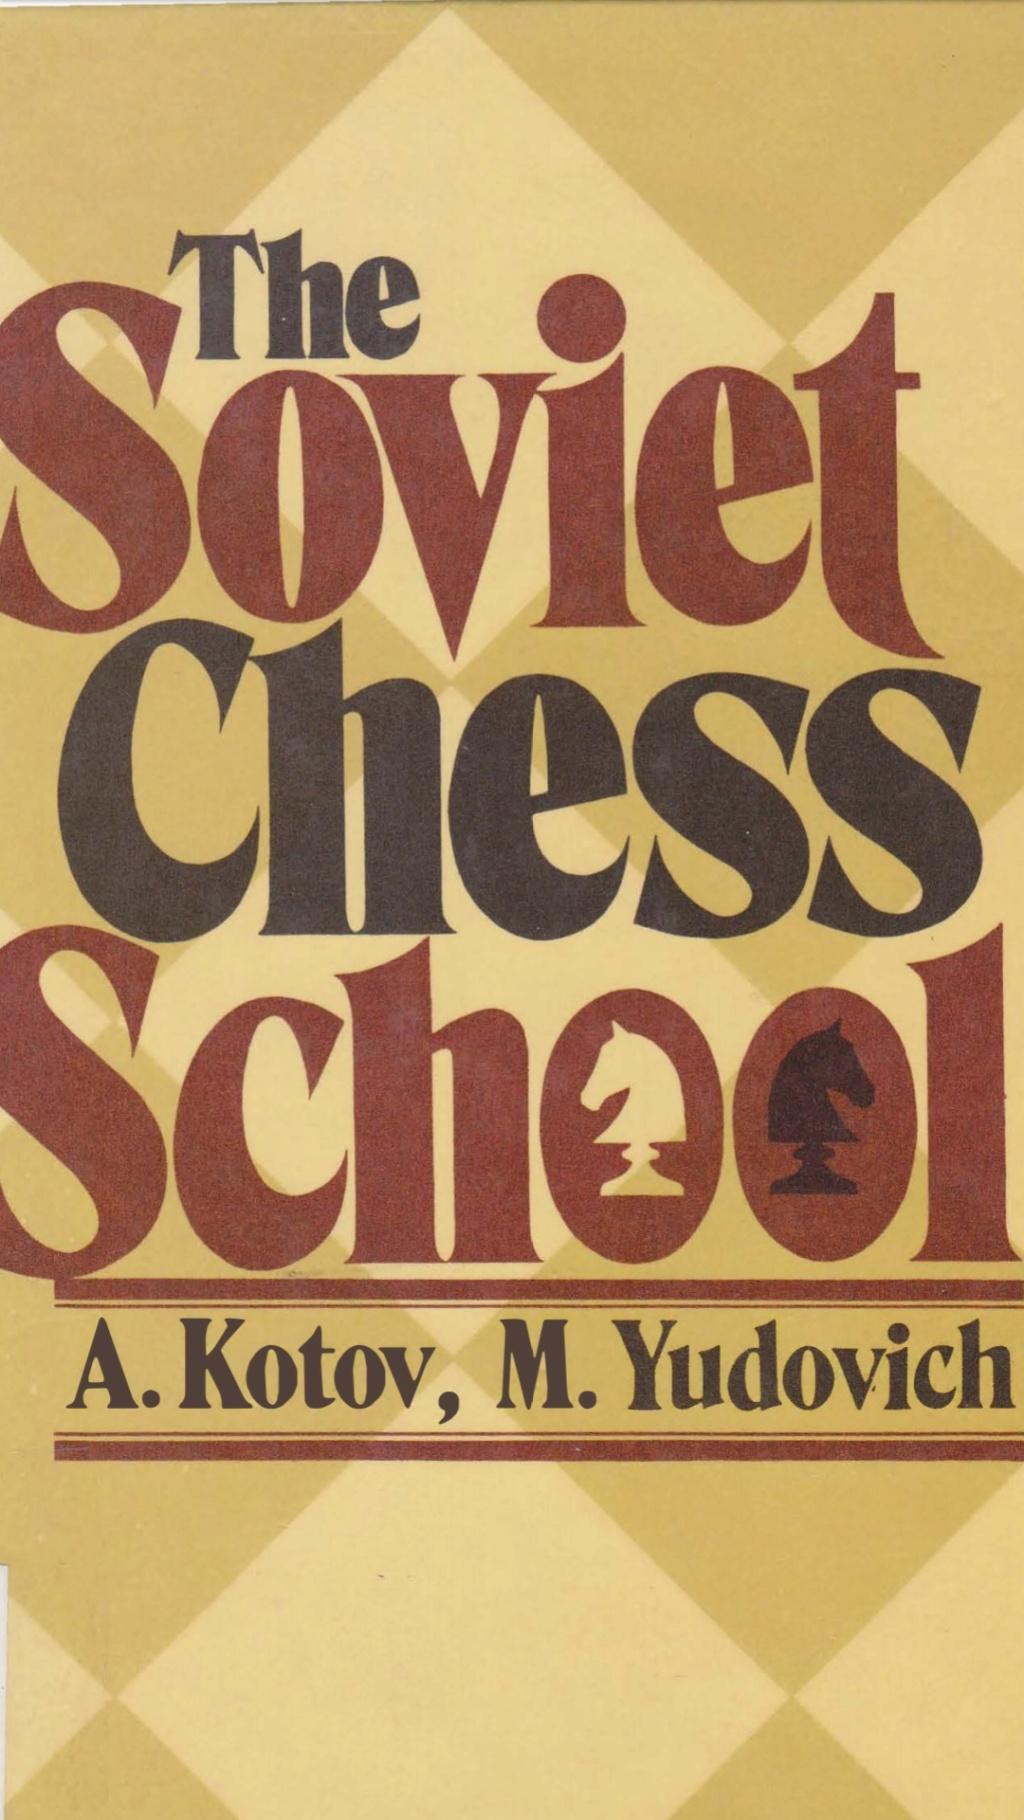 The Soviet chess school  Book by Alexander kotov Scree115